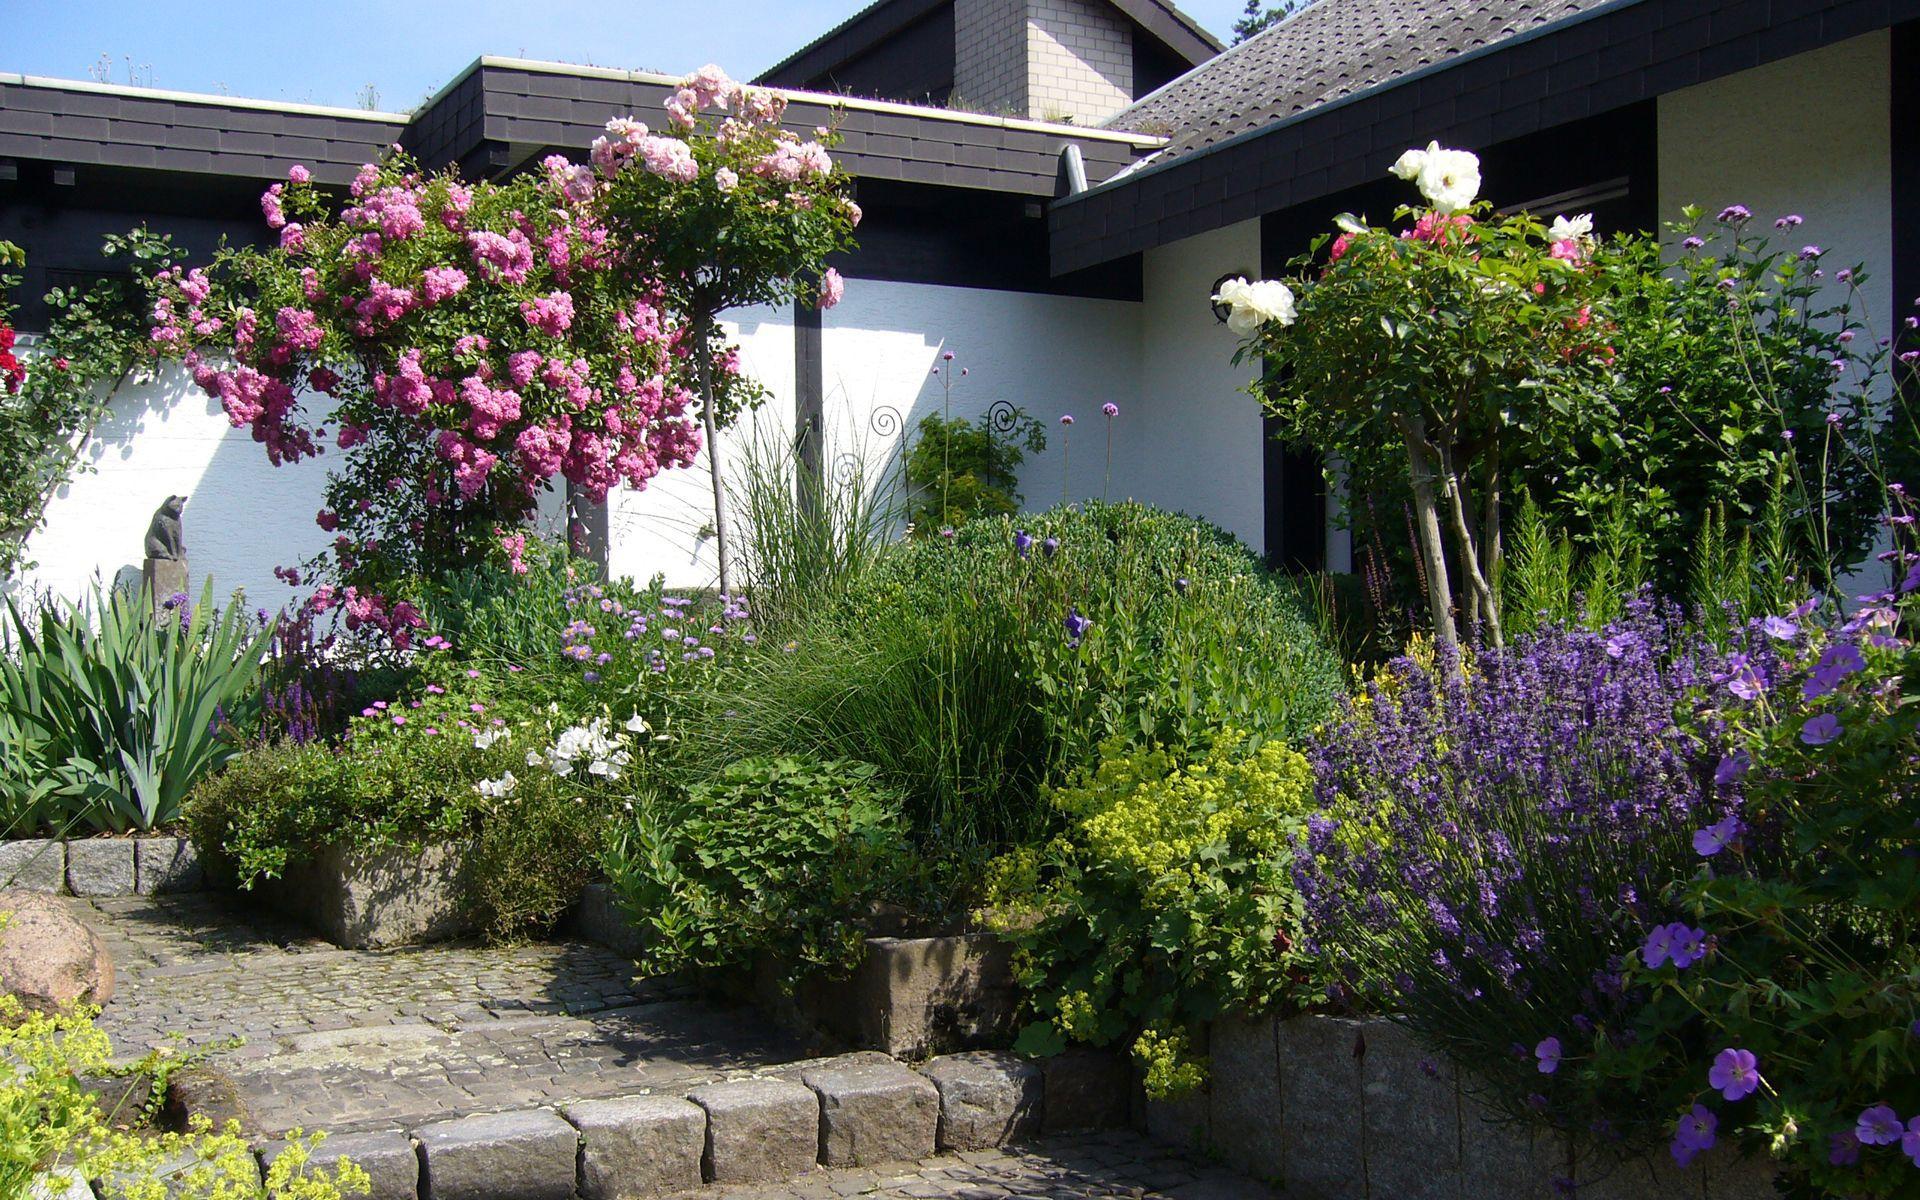 Galerie gartengestaltung gartenarchitektur wiebke gro gebauer - Gartengestaltung mit rosen ...